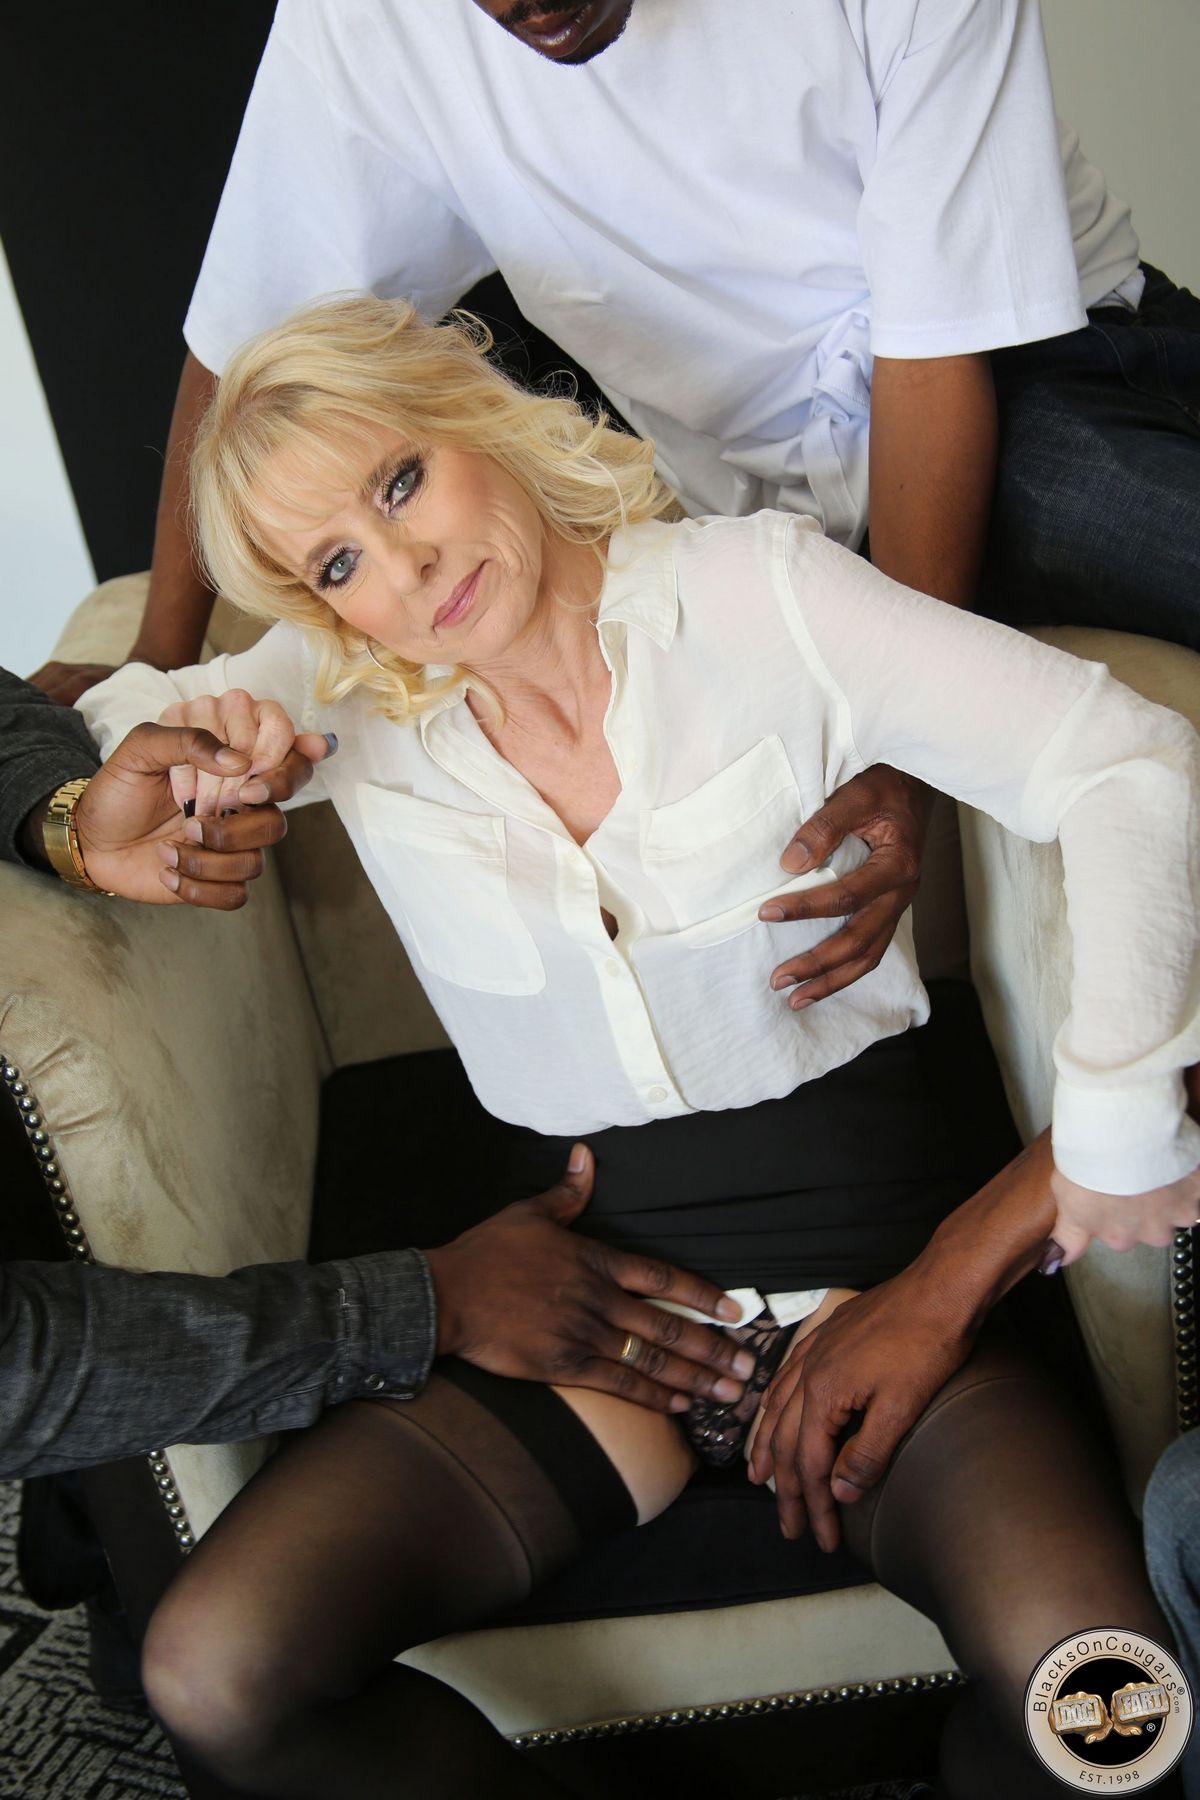 Три африканца трахают взрослую блондиночку в ее лежанки. Порно нигера трахают.